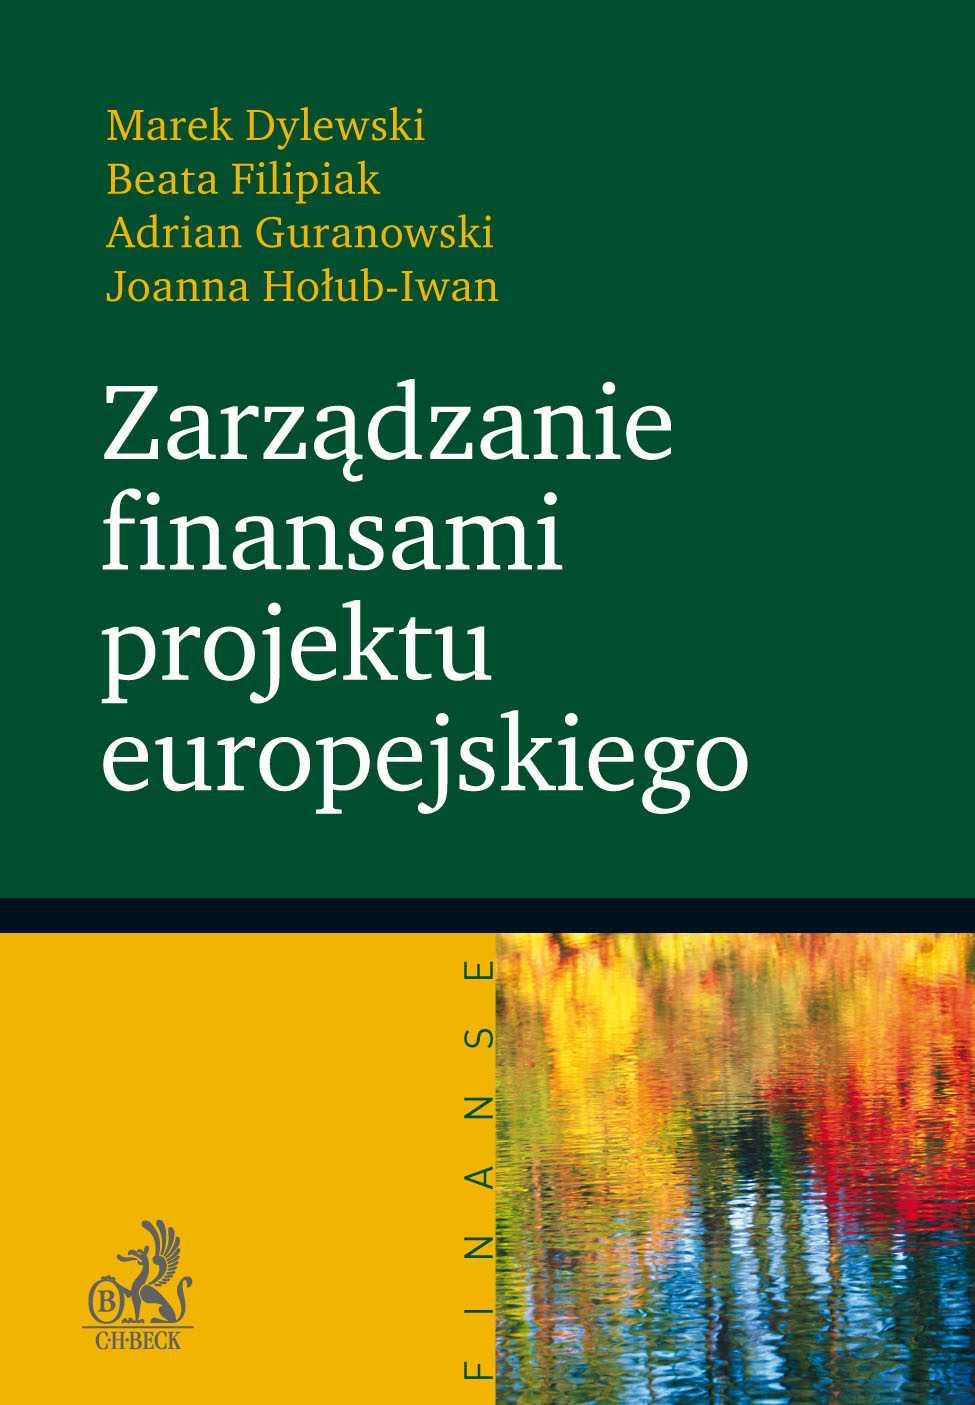 Zarządzanie finansami projektu europejskiego - Ebook (Książka PDF) do pobrania w formacie PDF